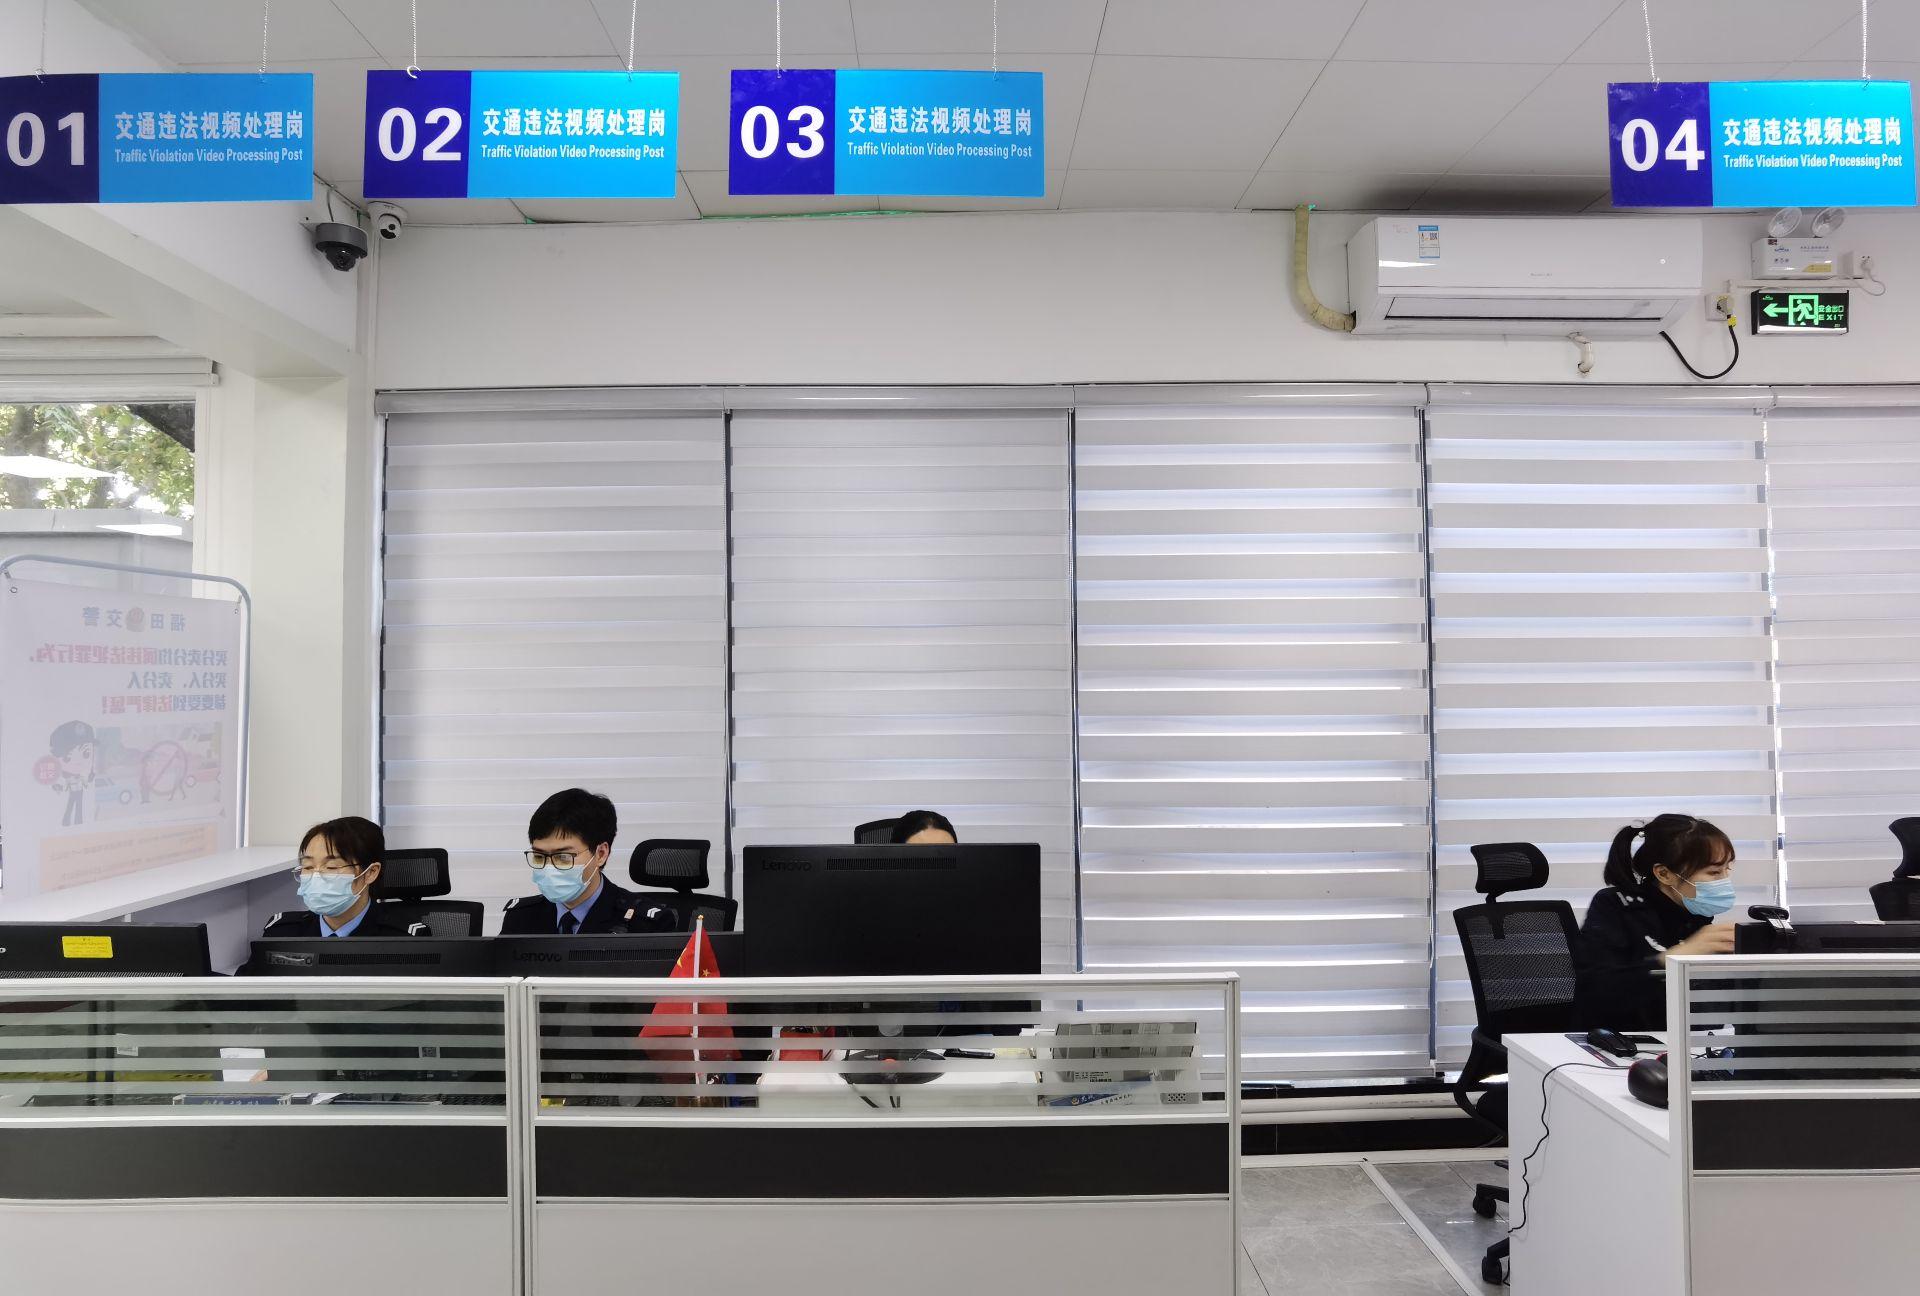 12分以下交通违法在线办理 深圳交警十项措施提升执法服务水平